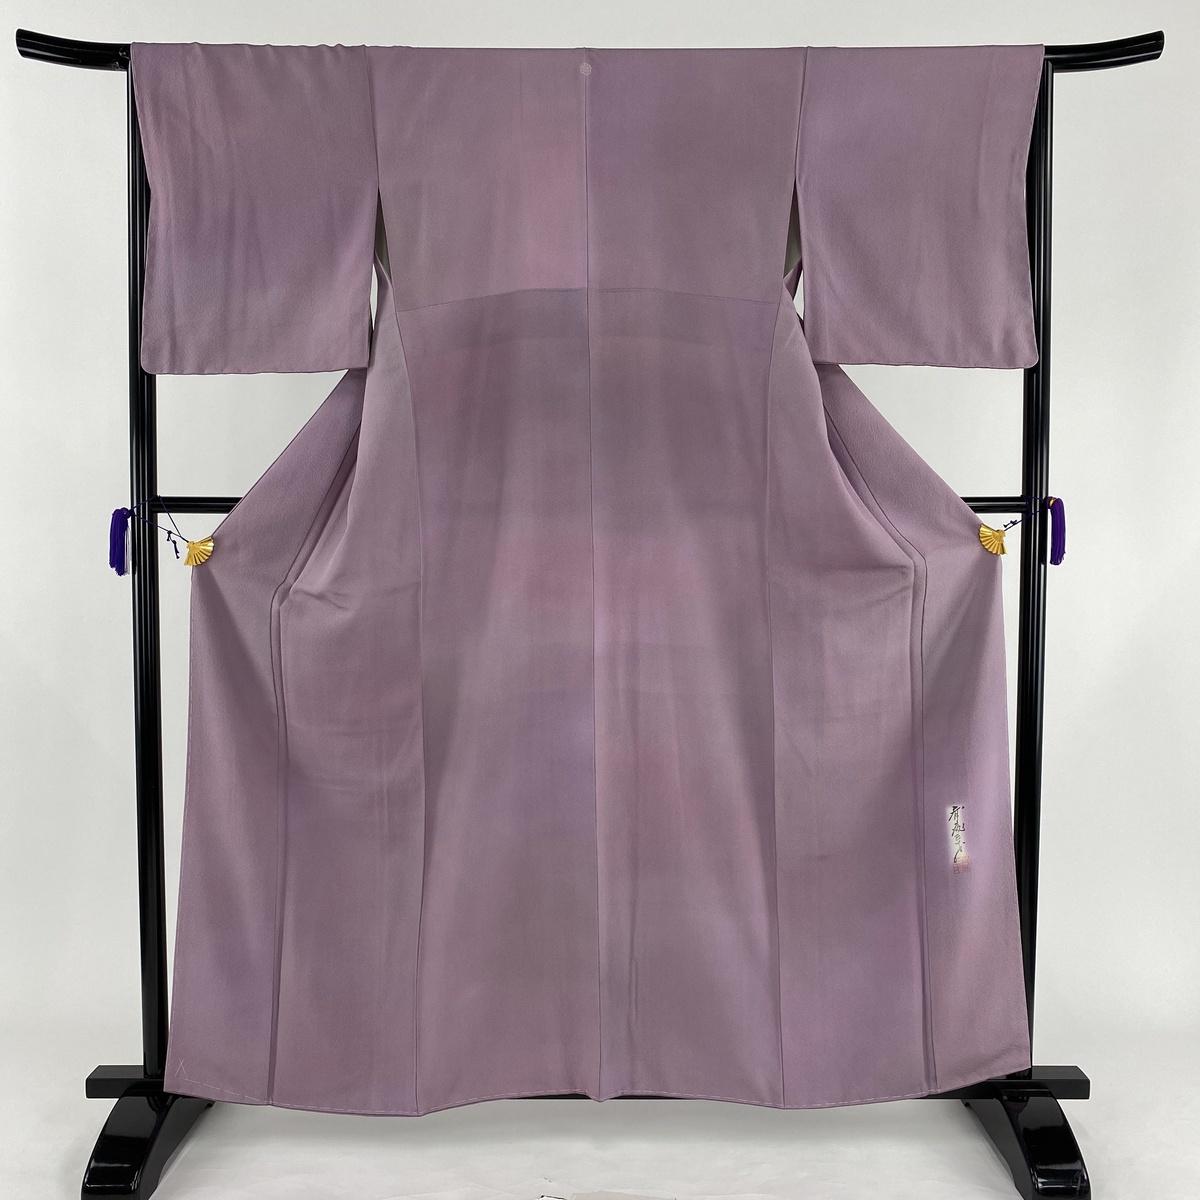 小紋 美品 秀品 落款あり 斉藤三才 一つ紋 やまと 縮緬 ぼかし 紫 袷 身丈160.5cm 裄丈66cm M 正絹 【中古】